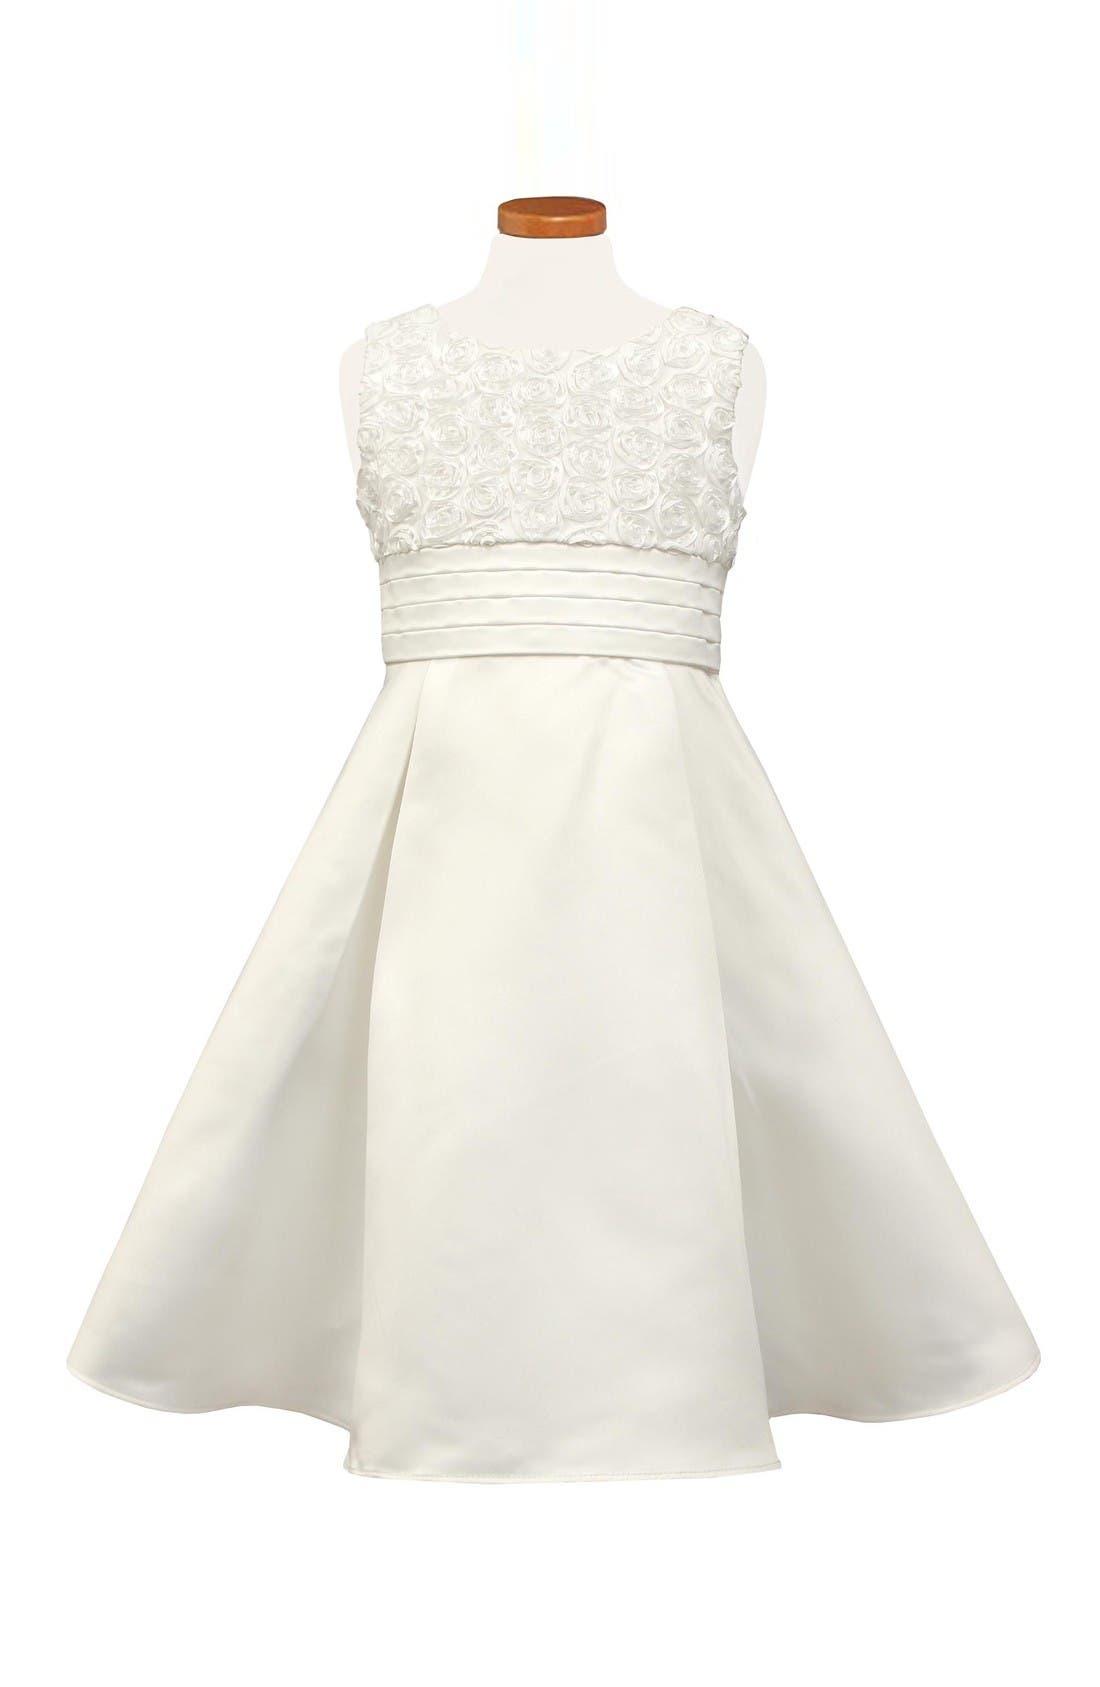 Main Image - Sorbet Rosette Sleeveless Dress (Little Girls)